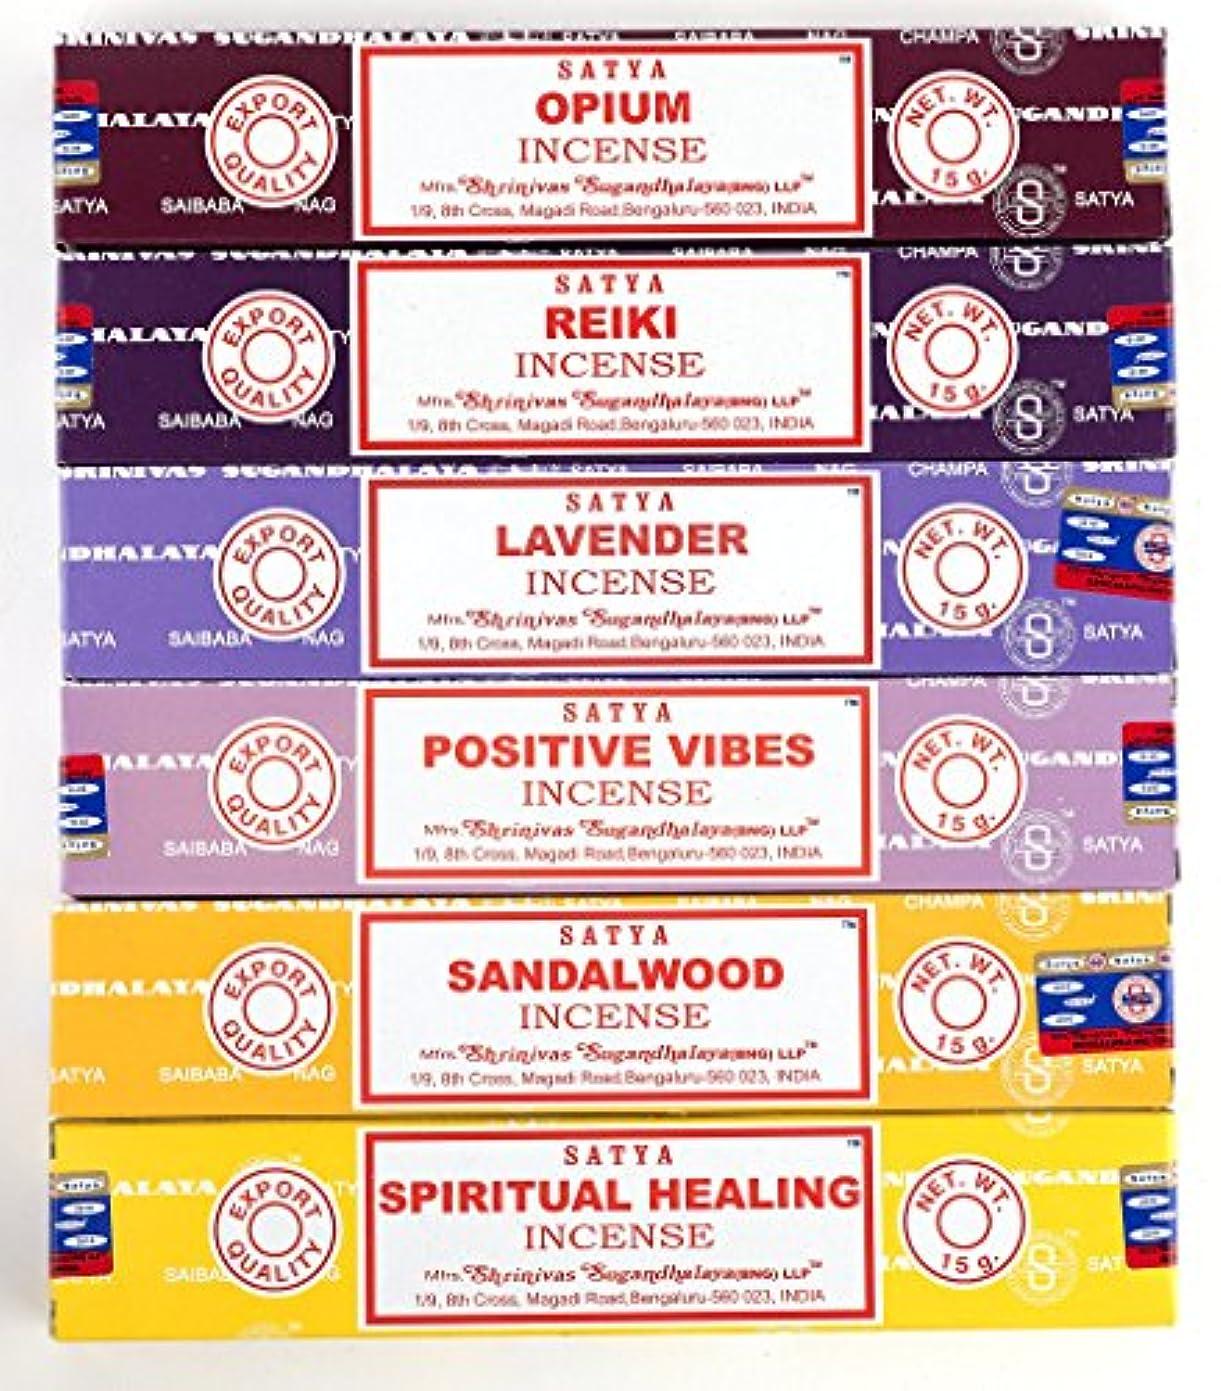 パイントピッチャーボトルNag Champa 6 Piece Variety Pack – Opium、レイキ、ラベンダー、Positive Vibes、サンダルウッド、Spiritual Healing